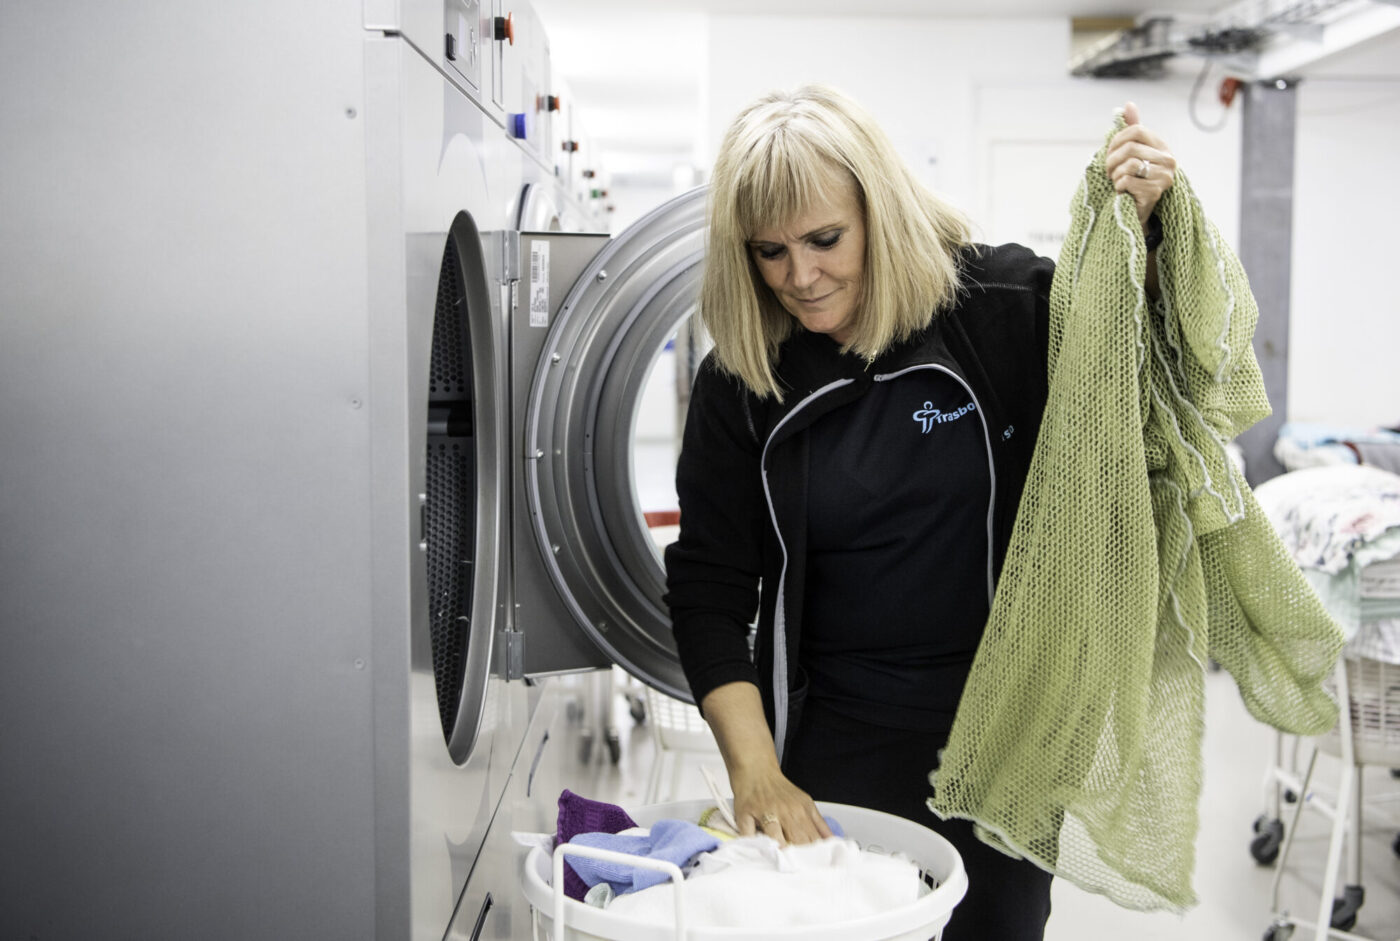 TRASBO Fritvalgsordning Tøjvask